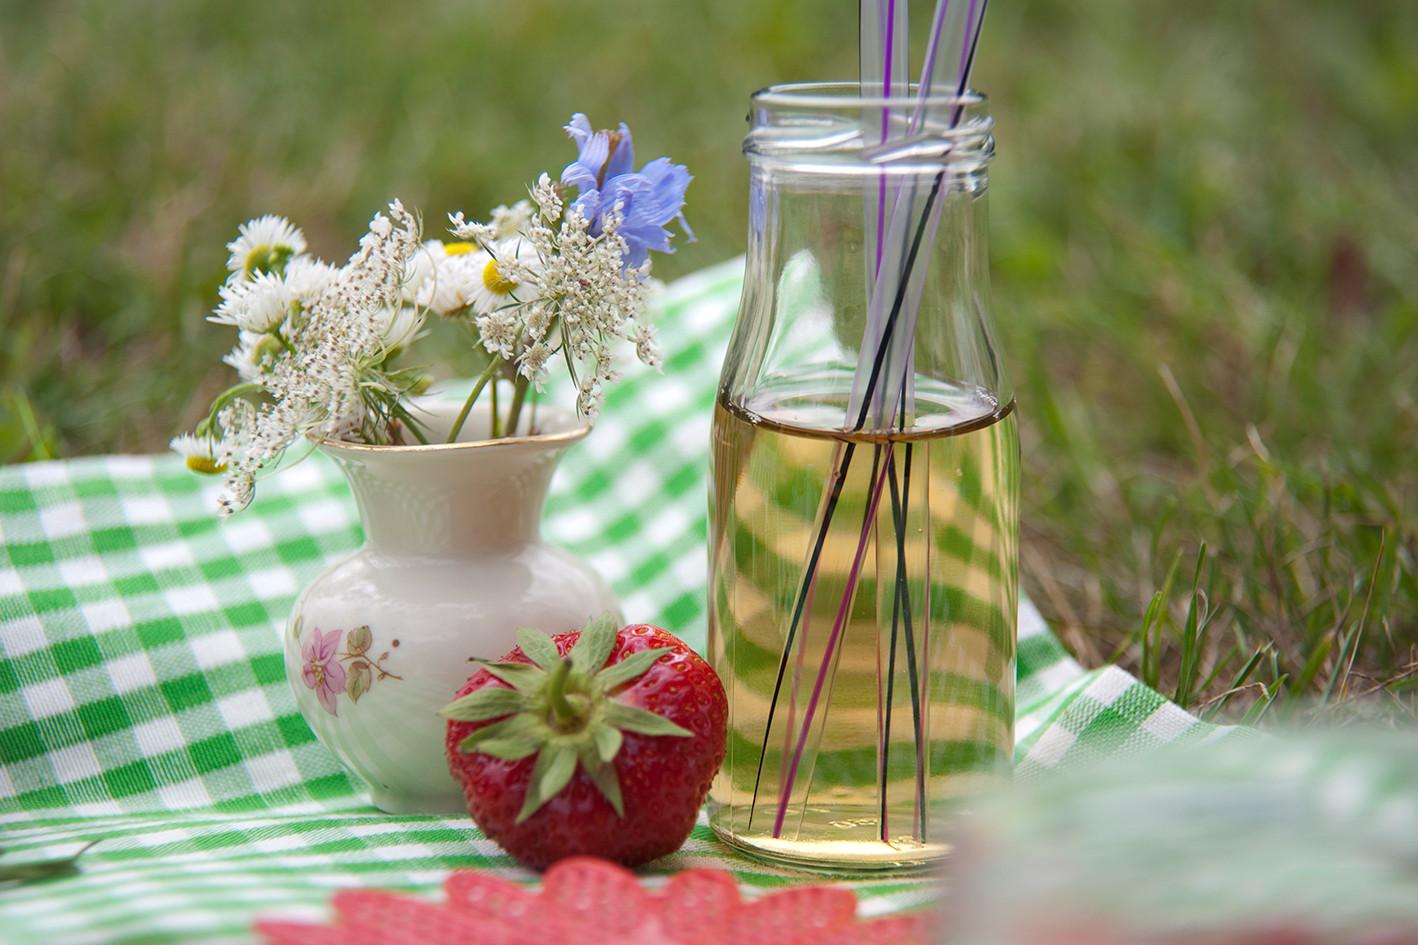 Blume-Erdbeere.jpg